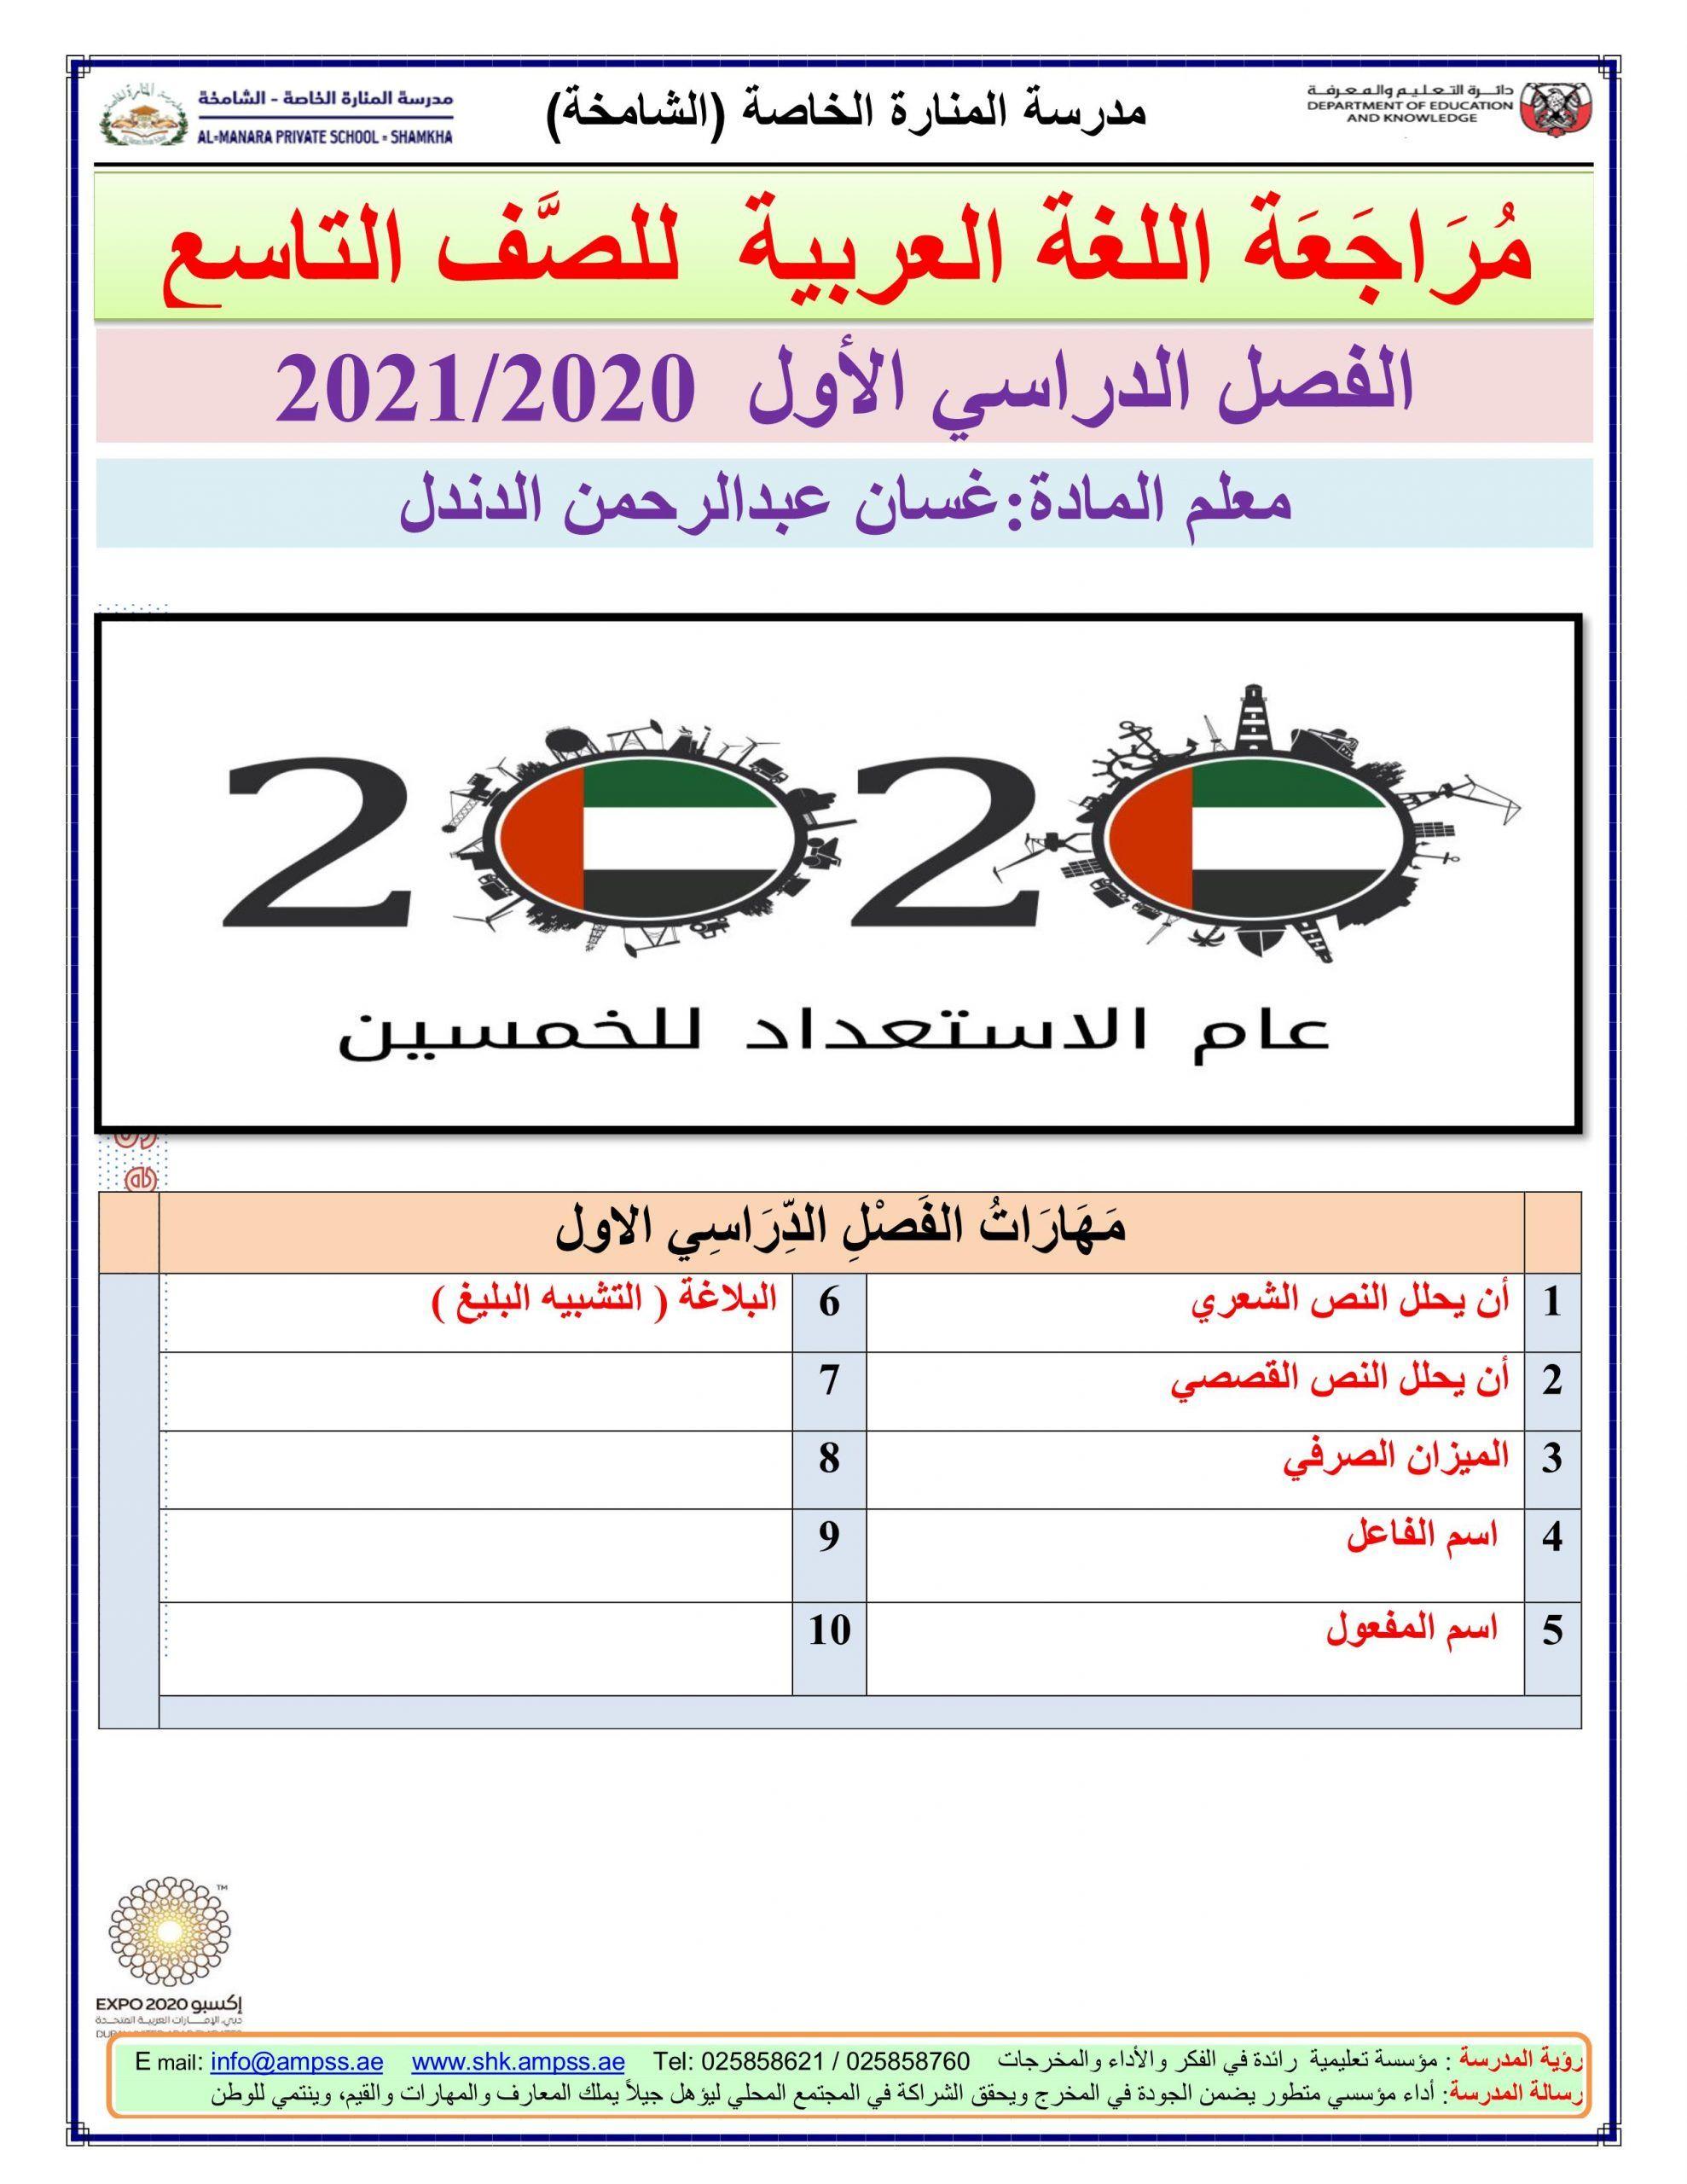 اوارق عمل متنوعة مراجعة نهائية الصف التاسع مادة اللغة العربية Bullet Journal Journal